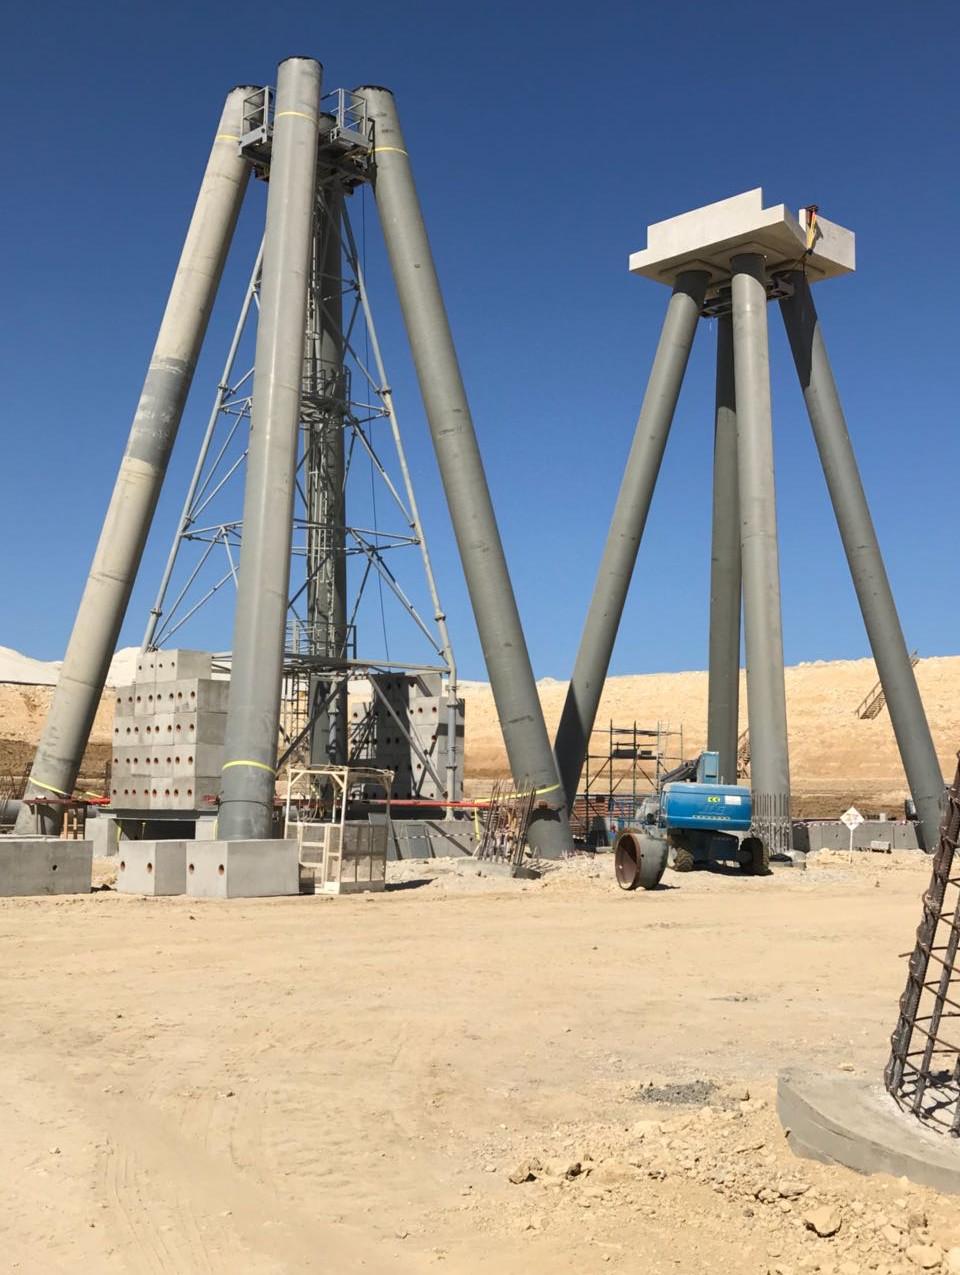 Duqm Oman Install March 2018 9